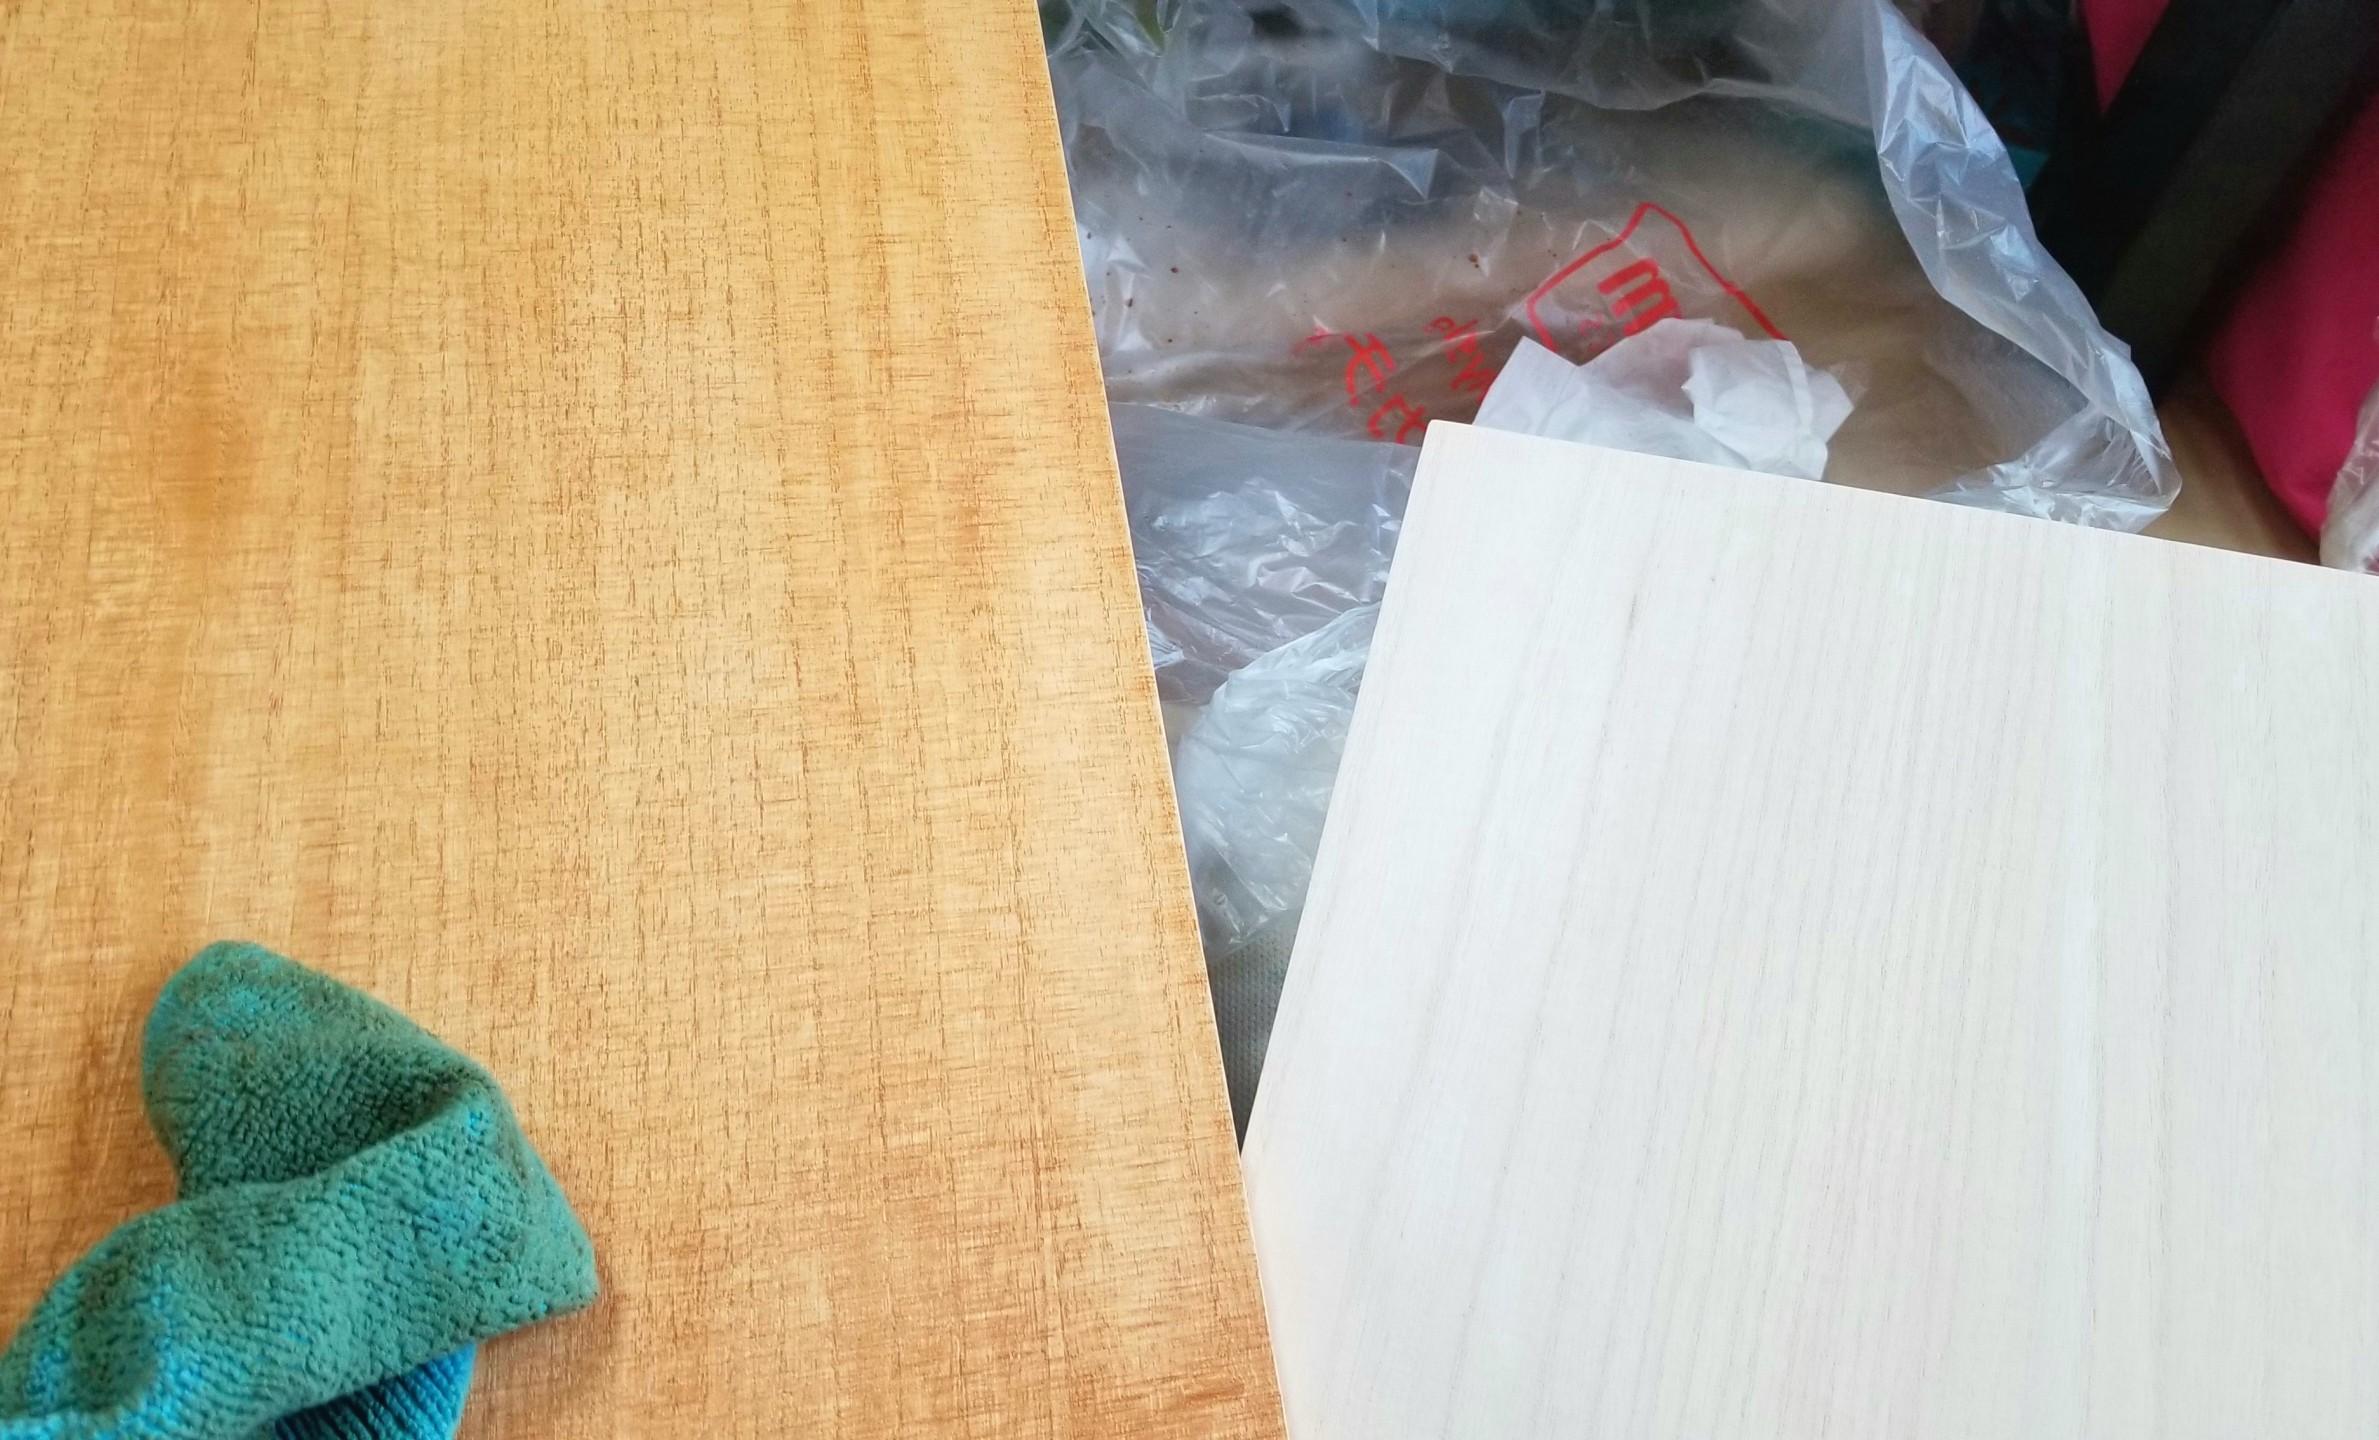 ミニチュアフード,土台,壁,和菓子屋,桐,作り方,ヤスリ,ドールハウス